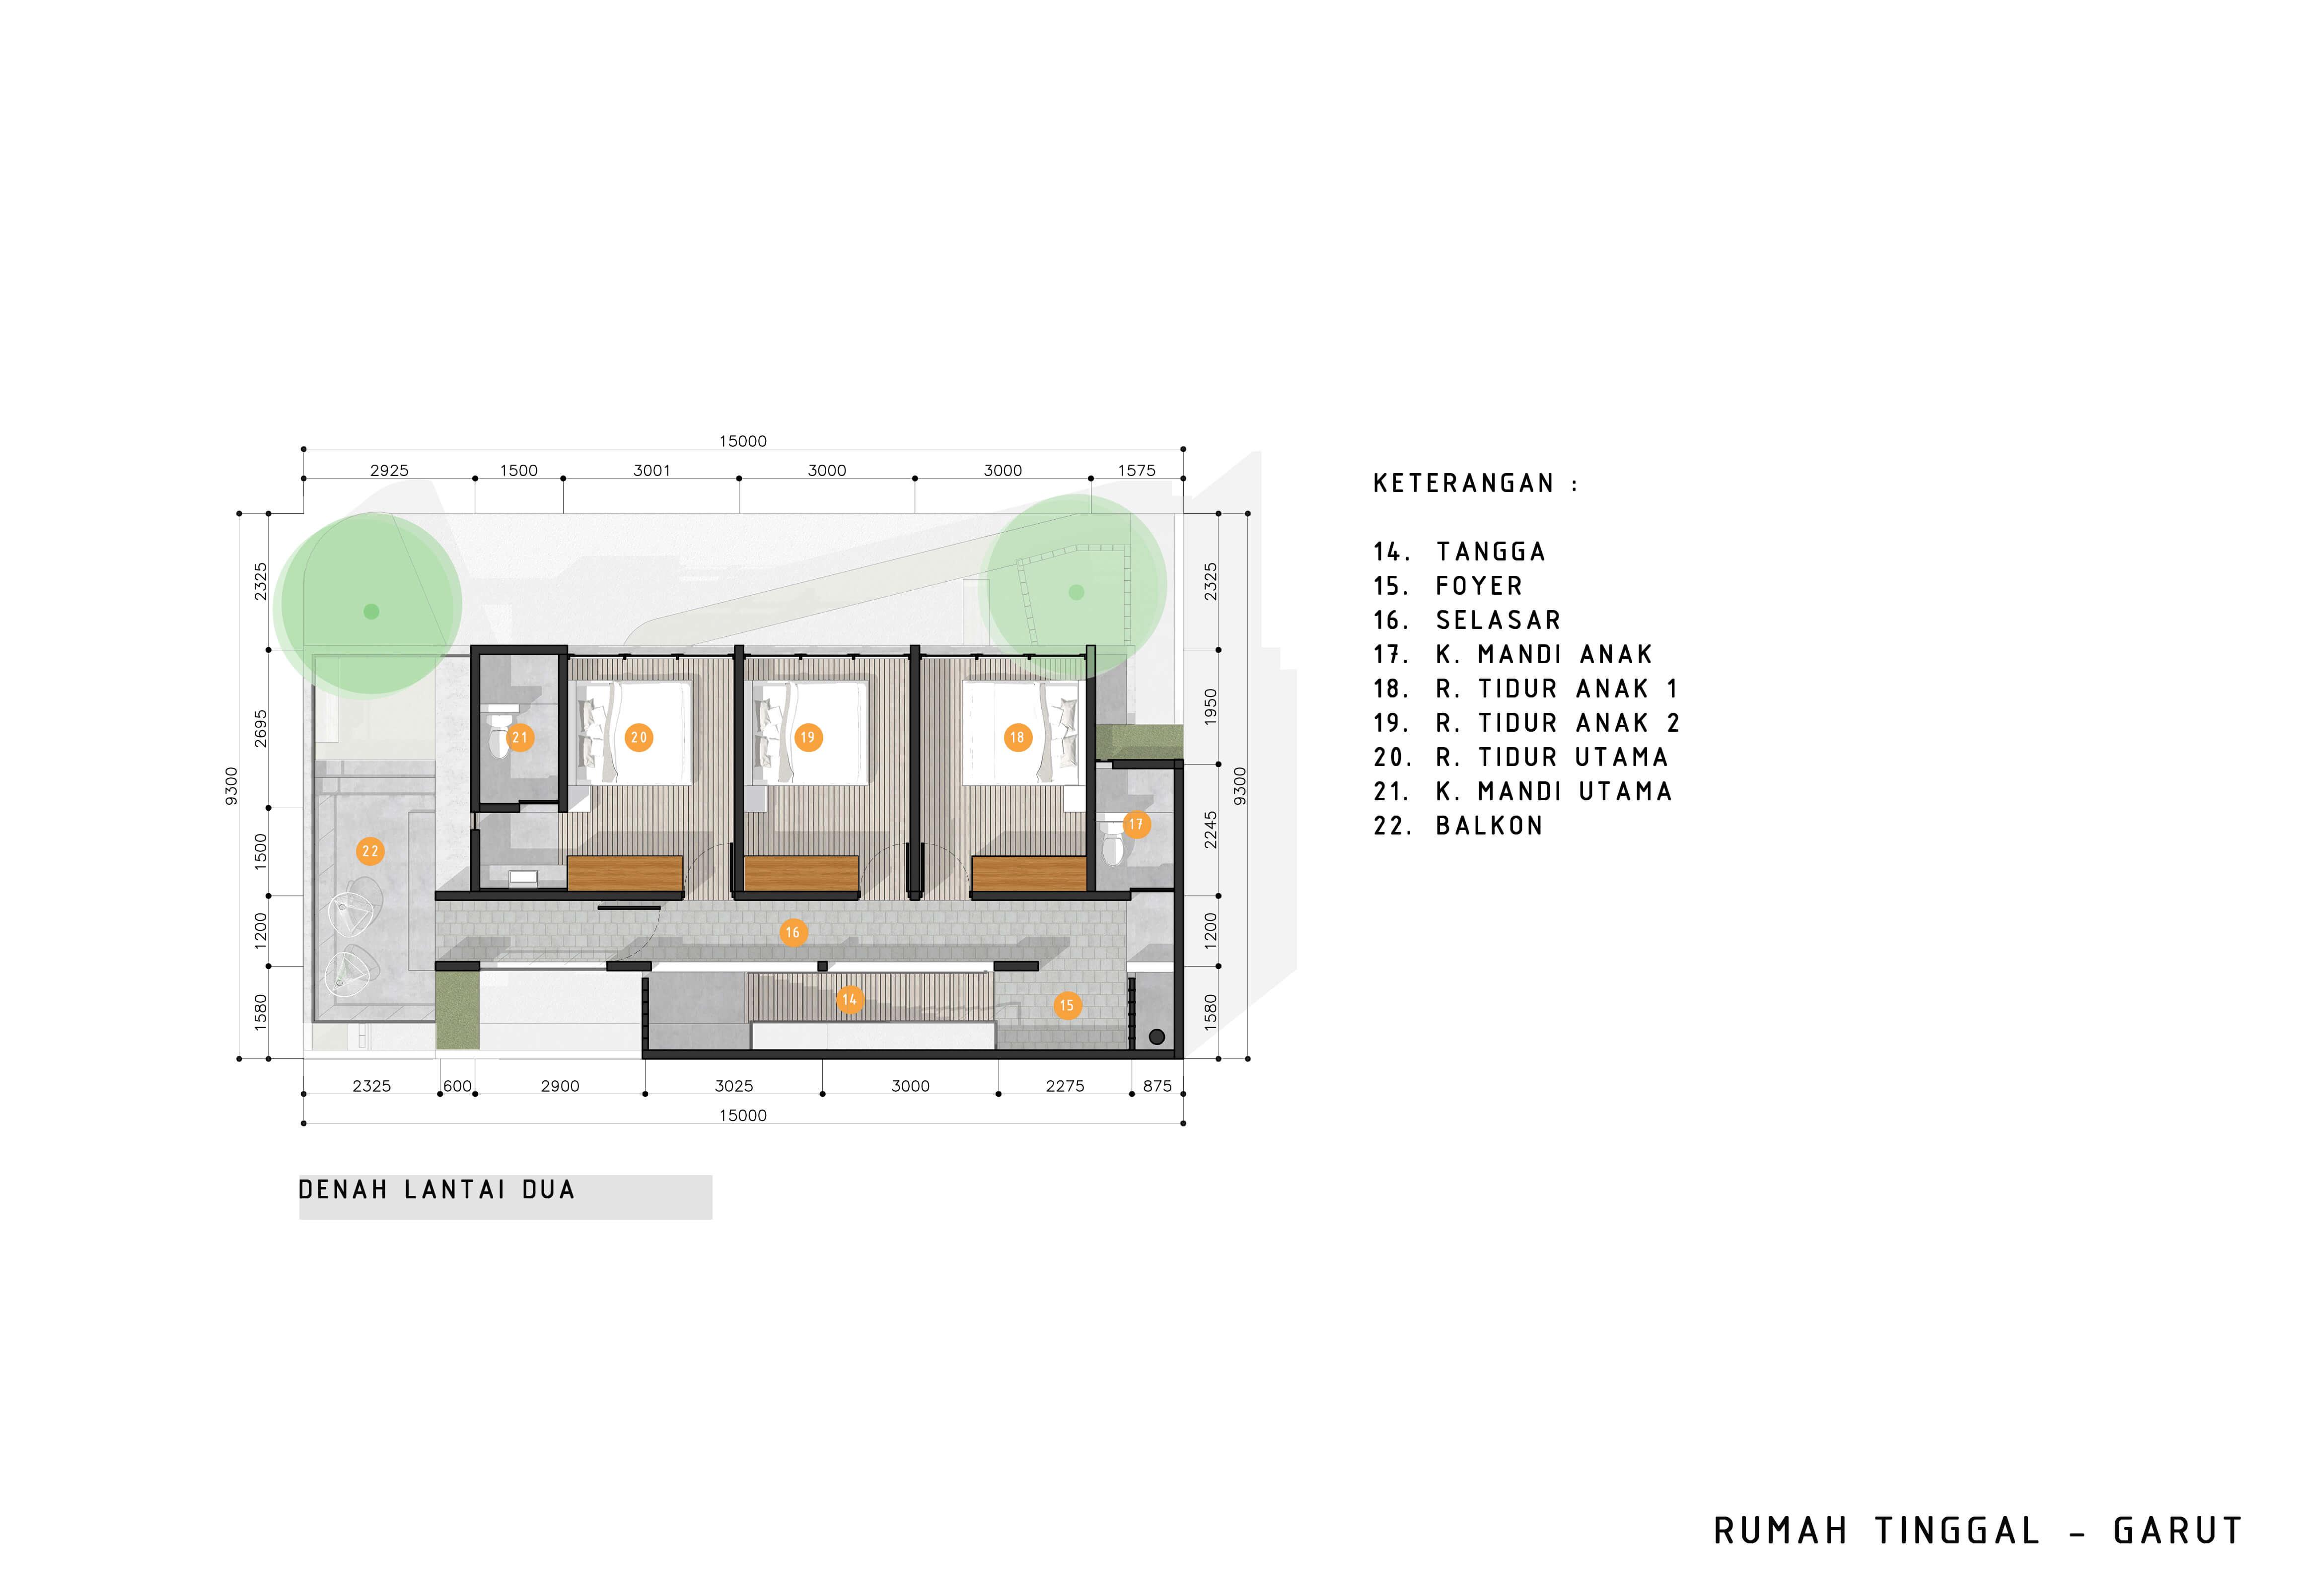 20180813 Rumah Tinggal Satya – Garut – PAGE 2